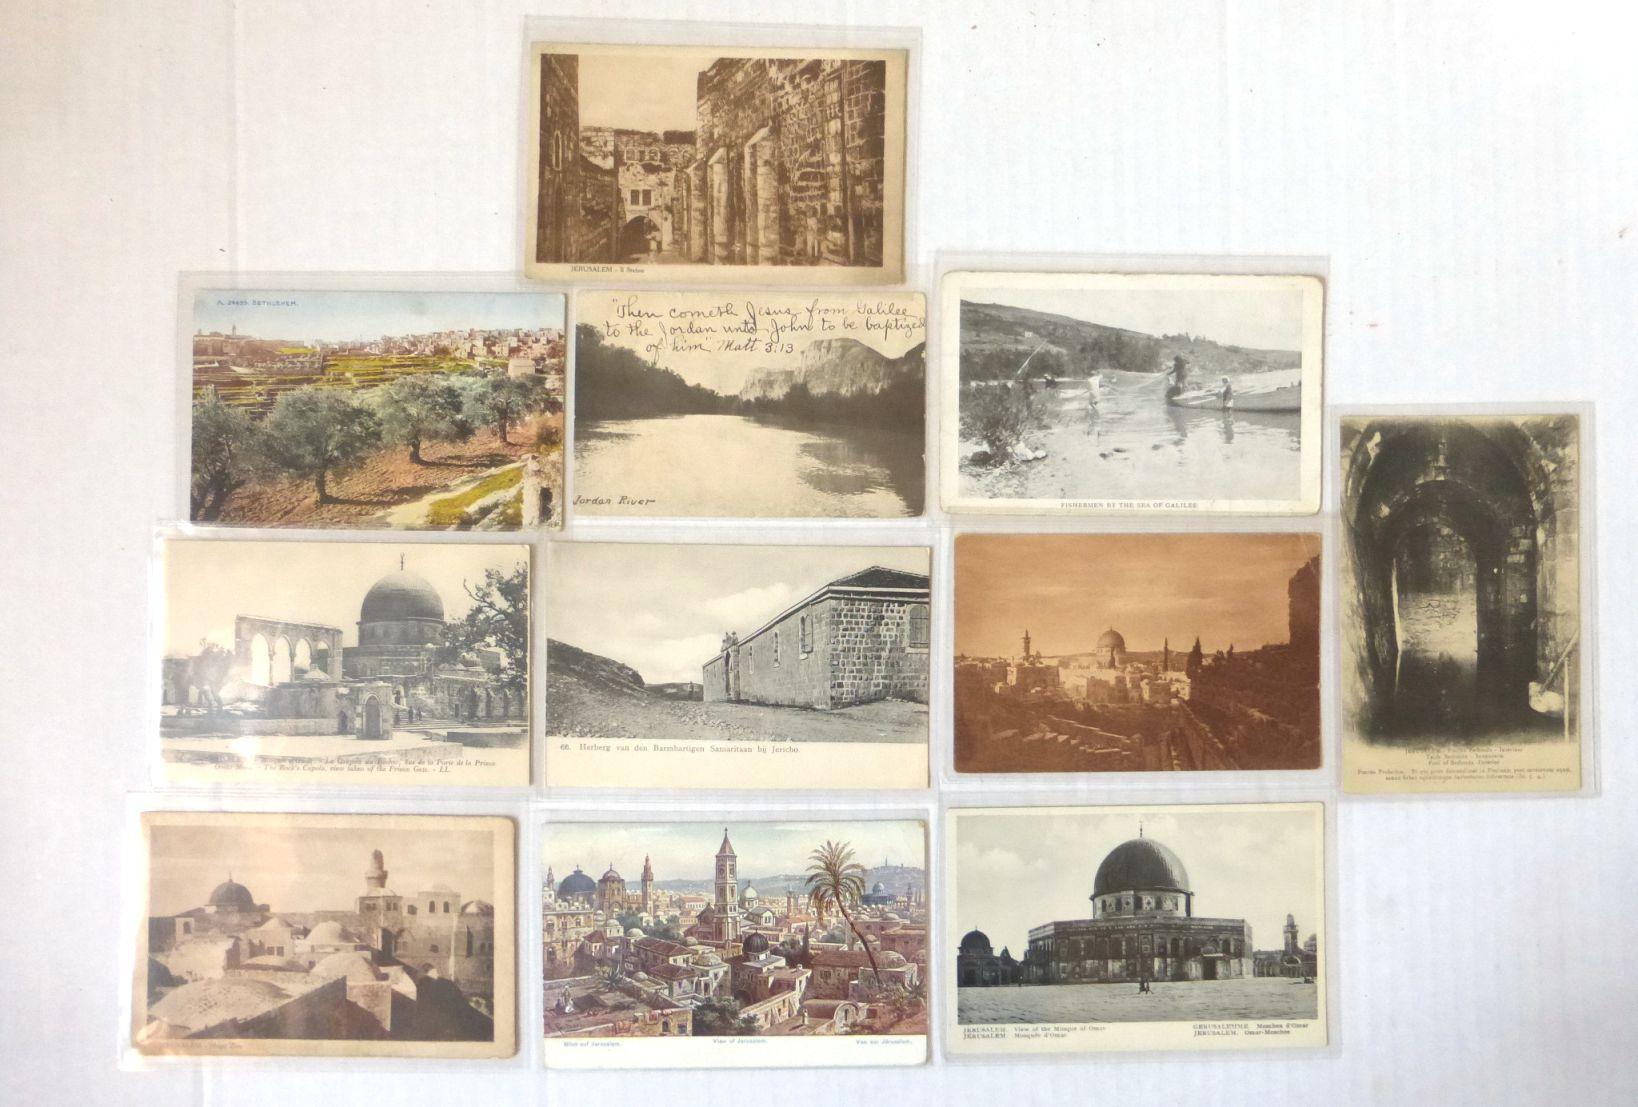 לוט 11 גלויות מראות ירושלים וארץ ישראל, תחילת המאה ה20